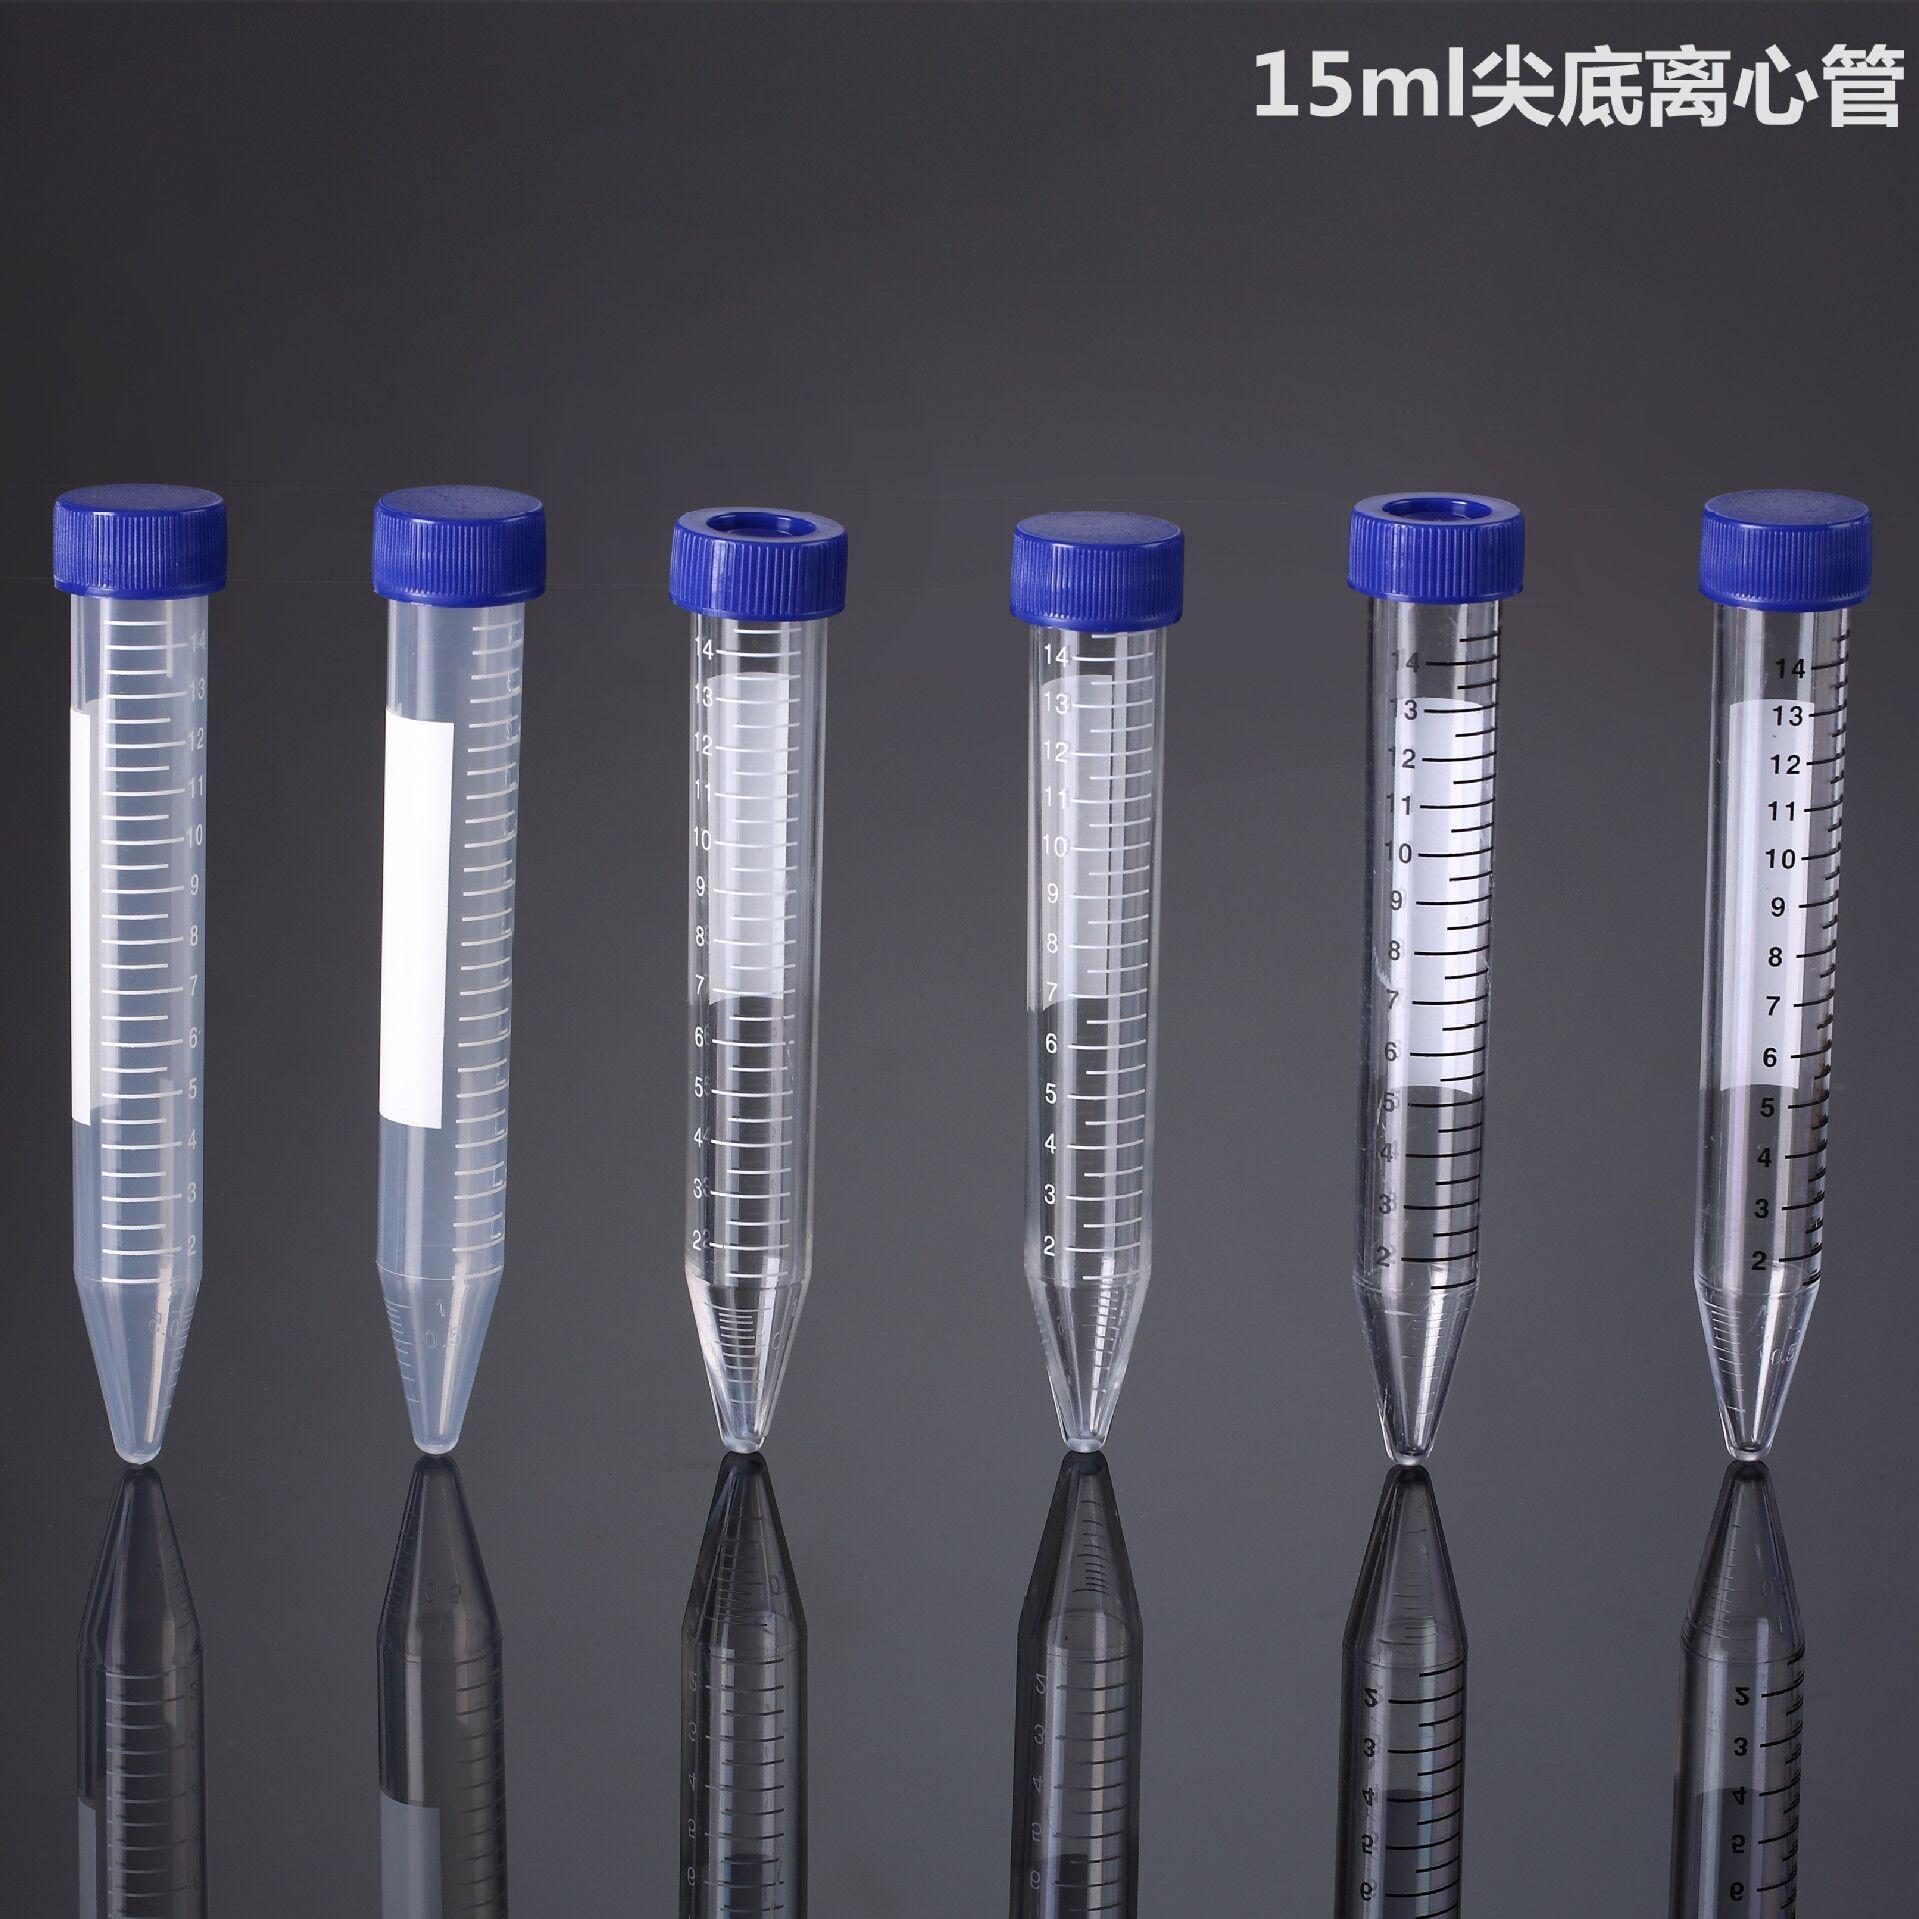 15ml离心管,螺口,尖底,灭菌,无DNA酶/RNA酶